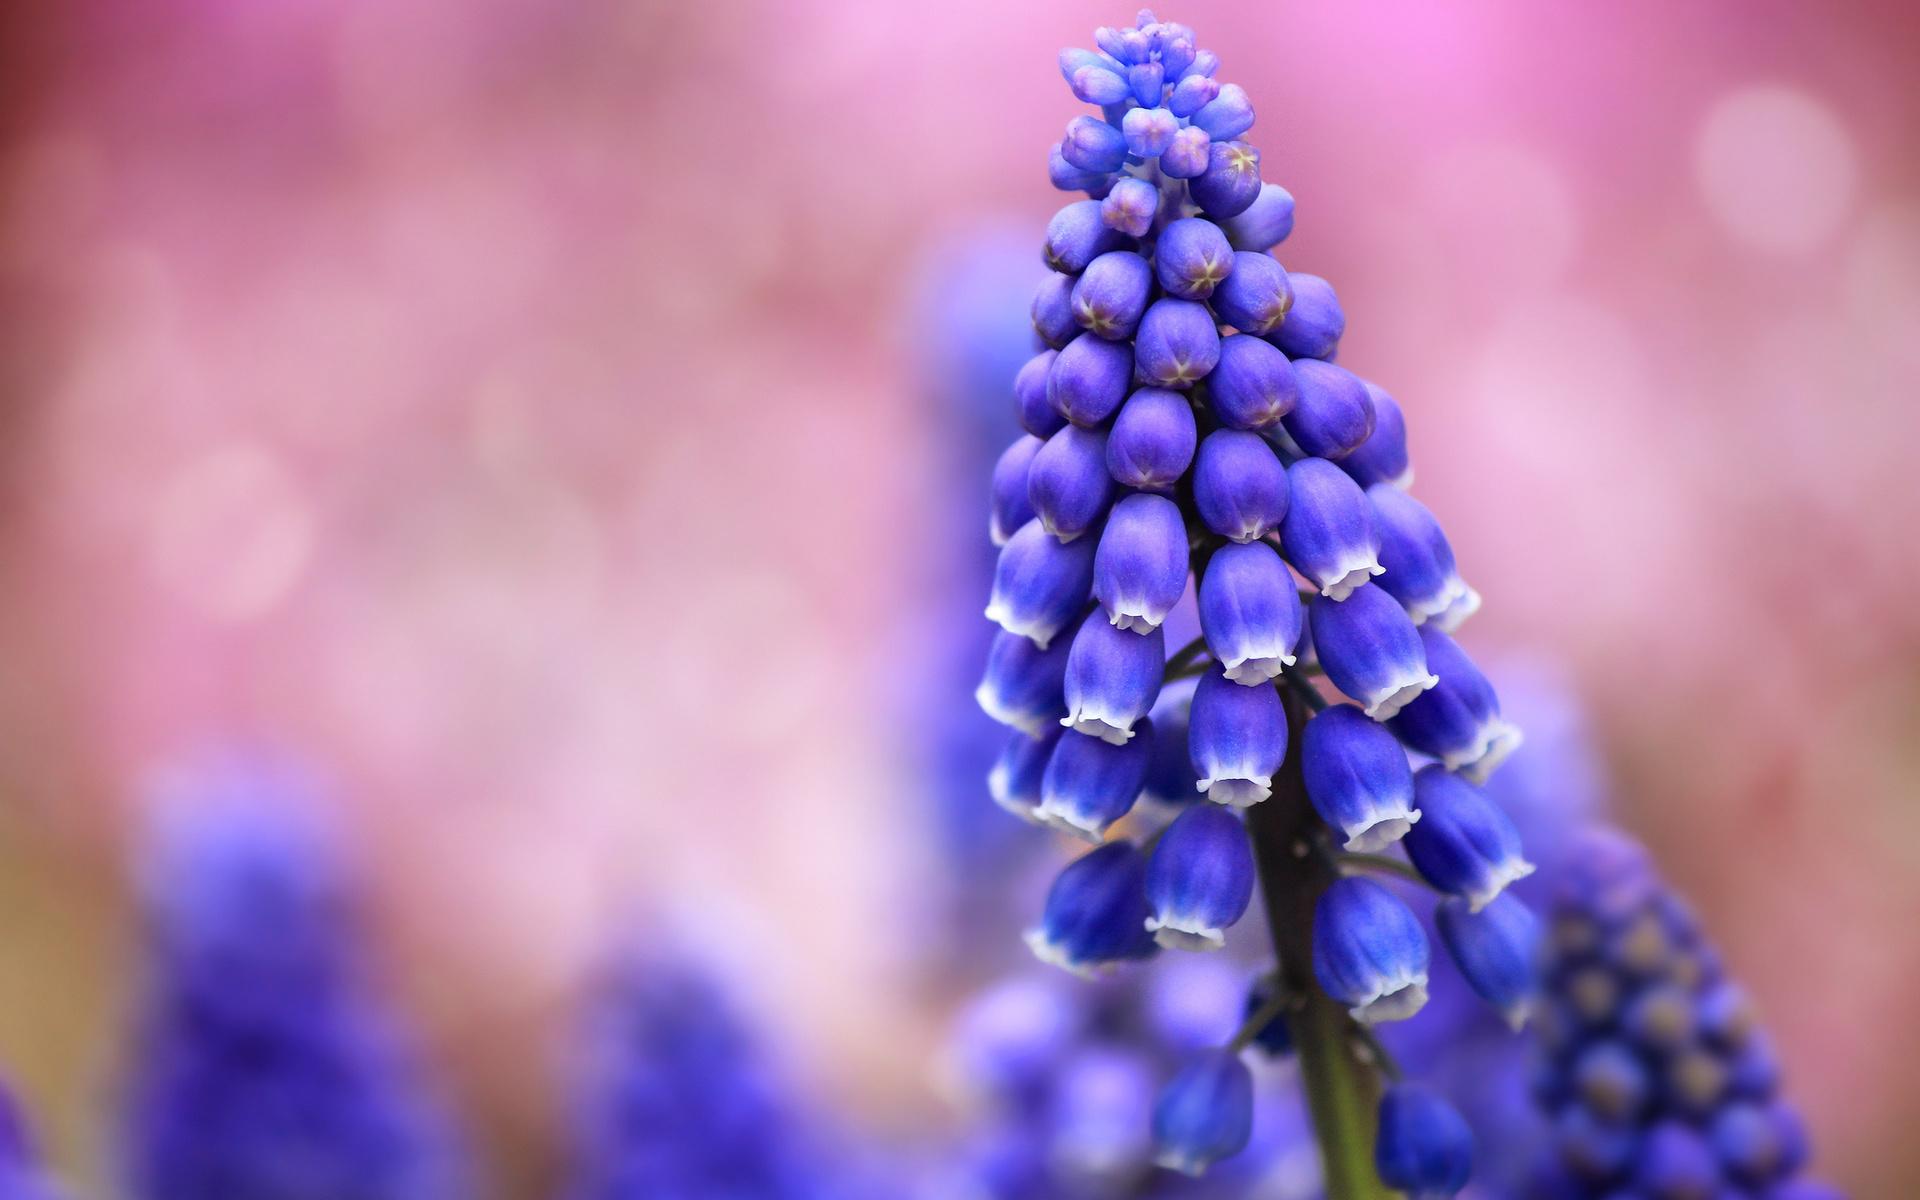 картинки с цветами фиолетово-синего ещё